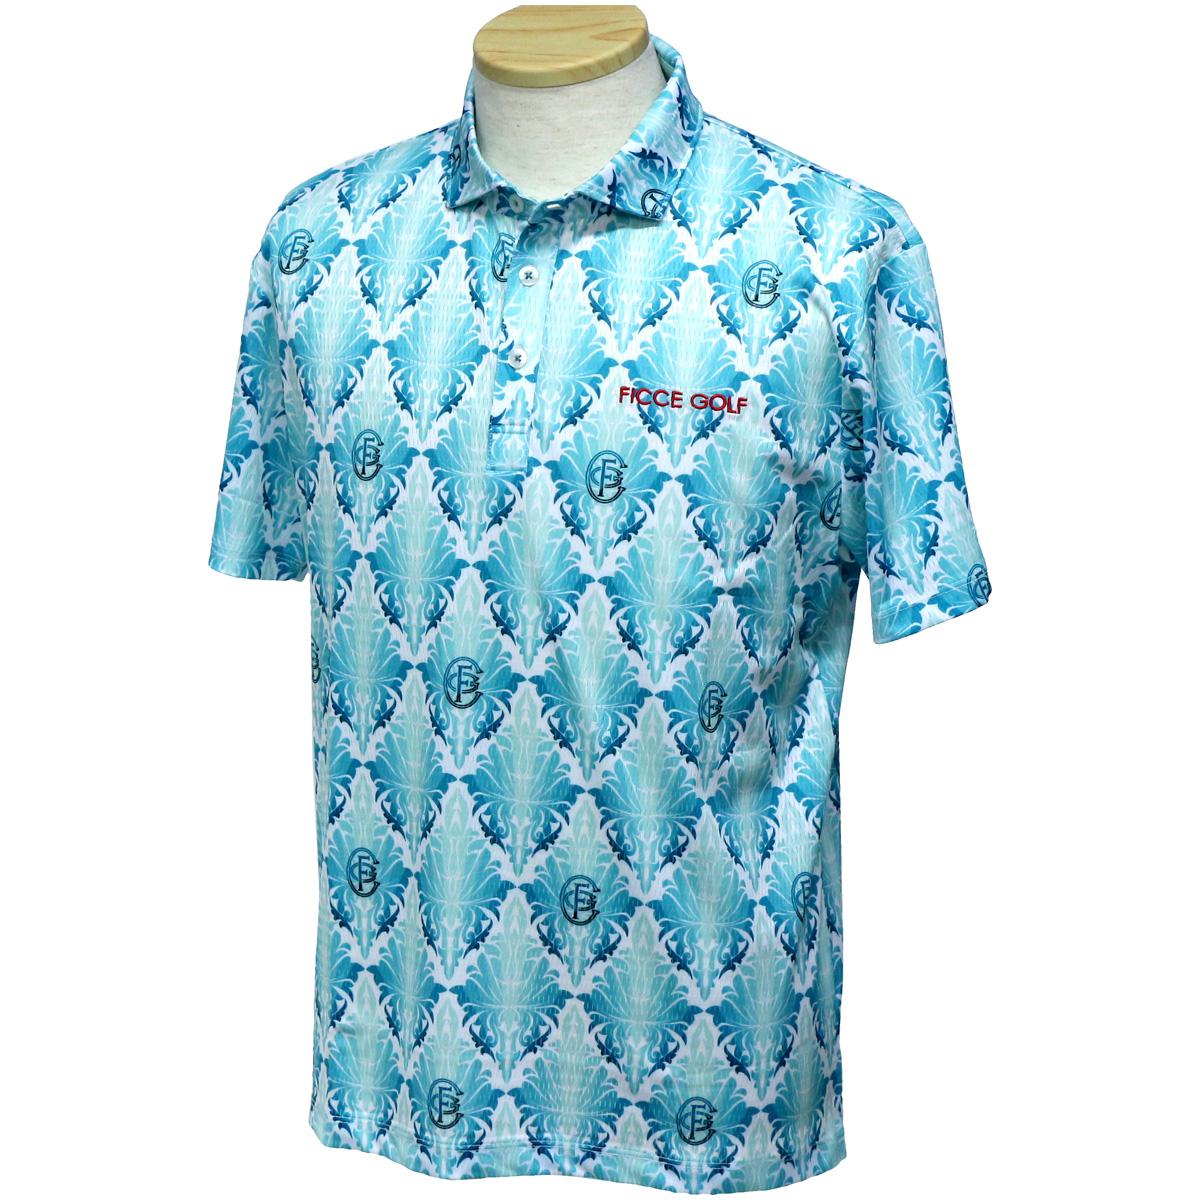 ストレッチ リーフ柄半袖ポロシャツ